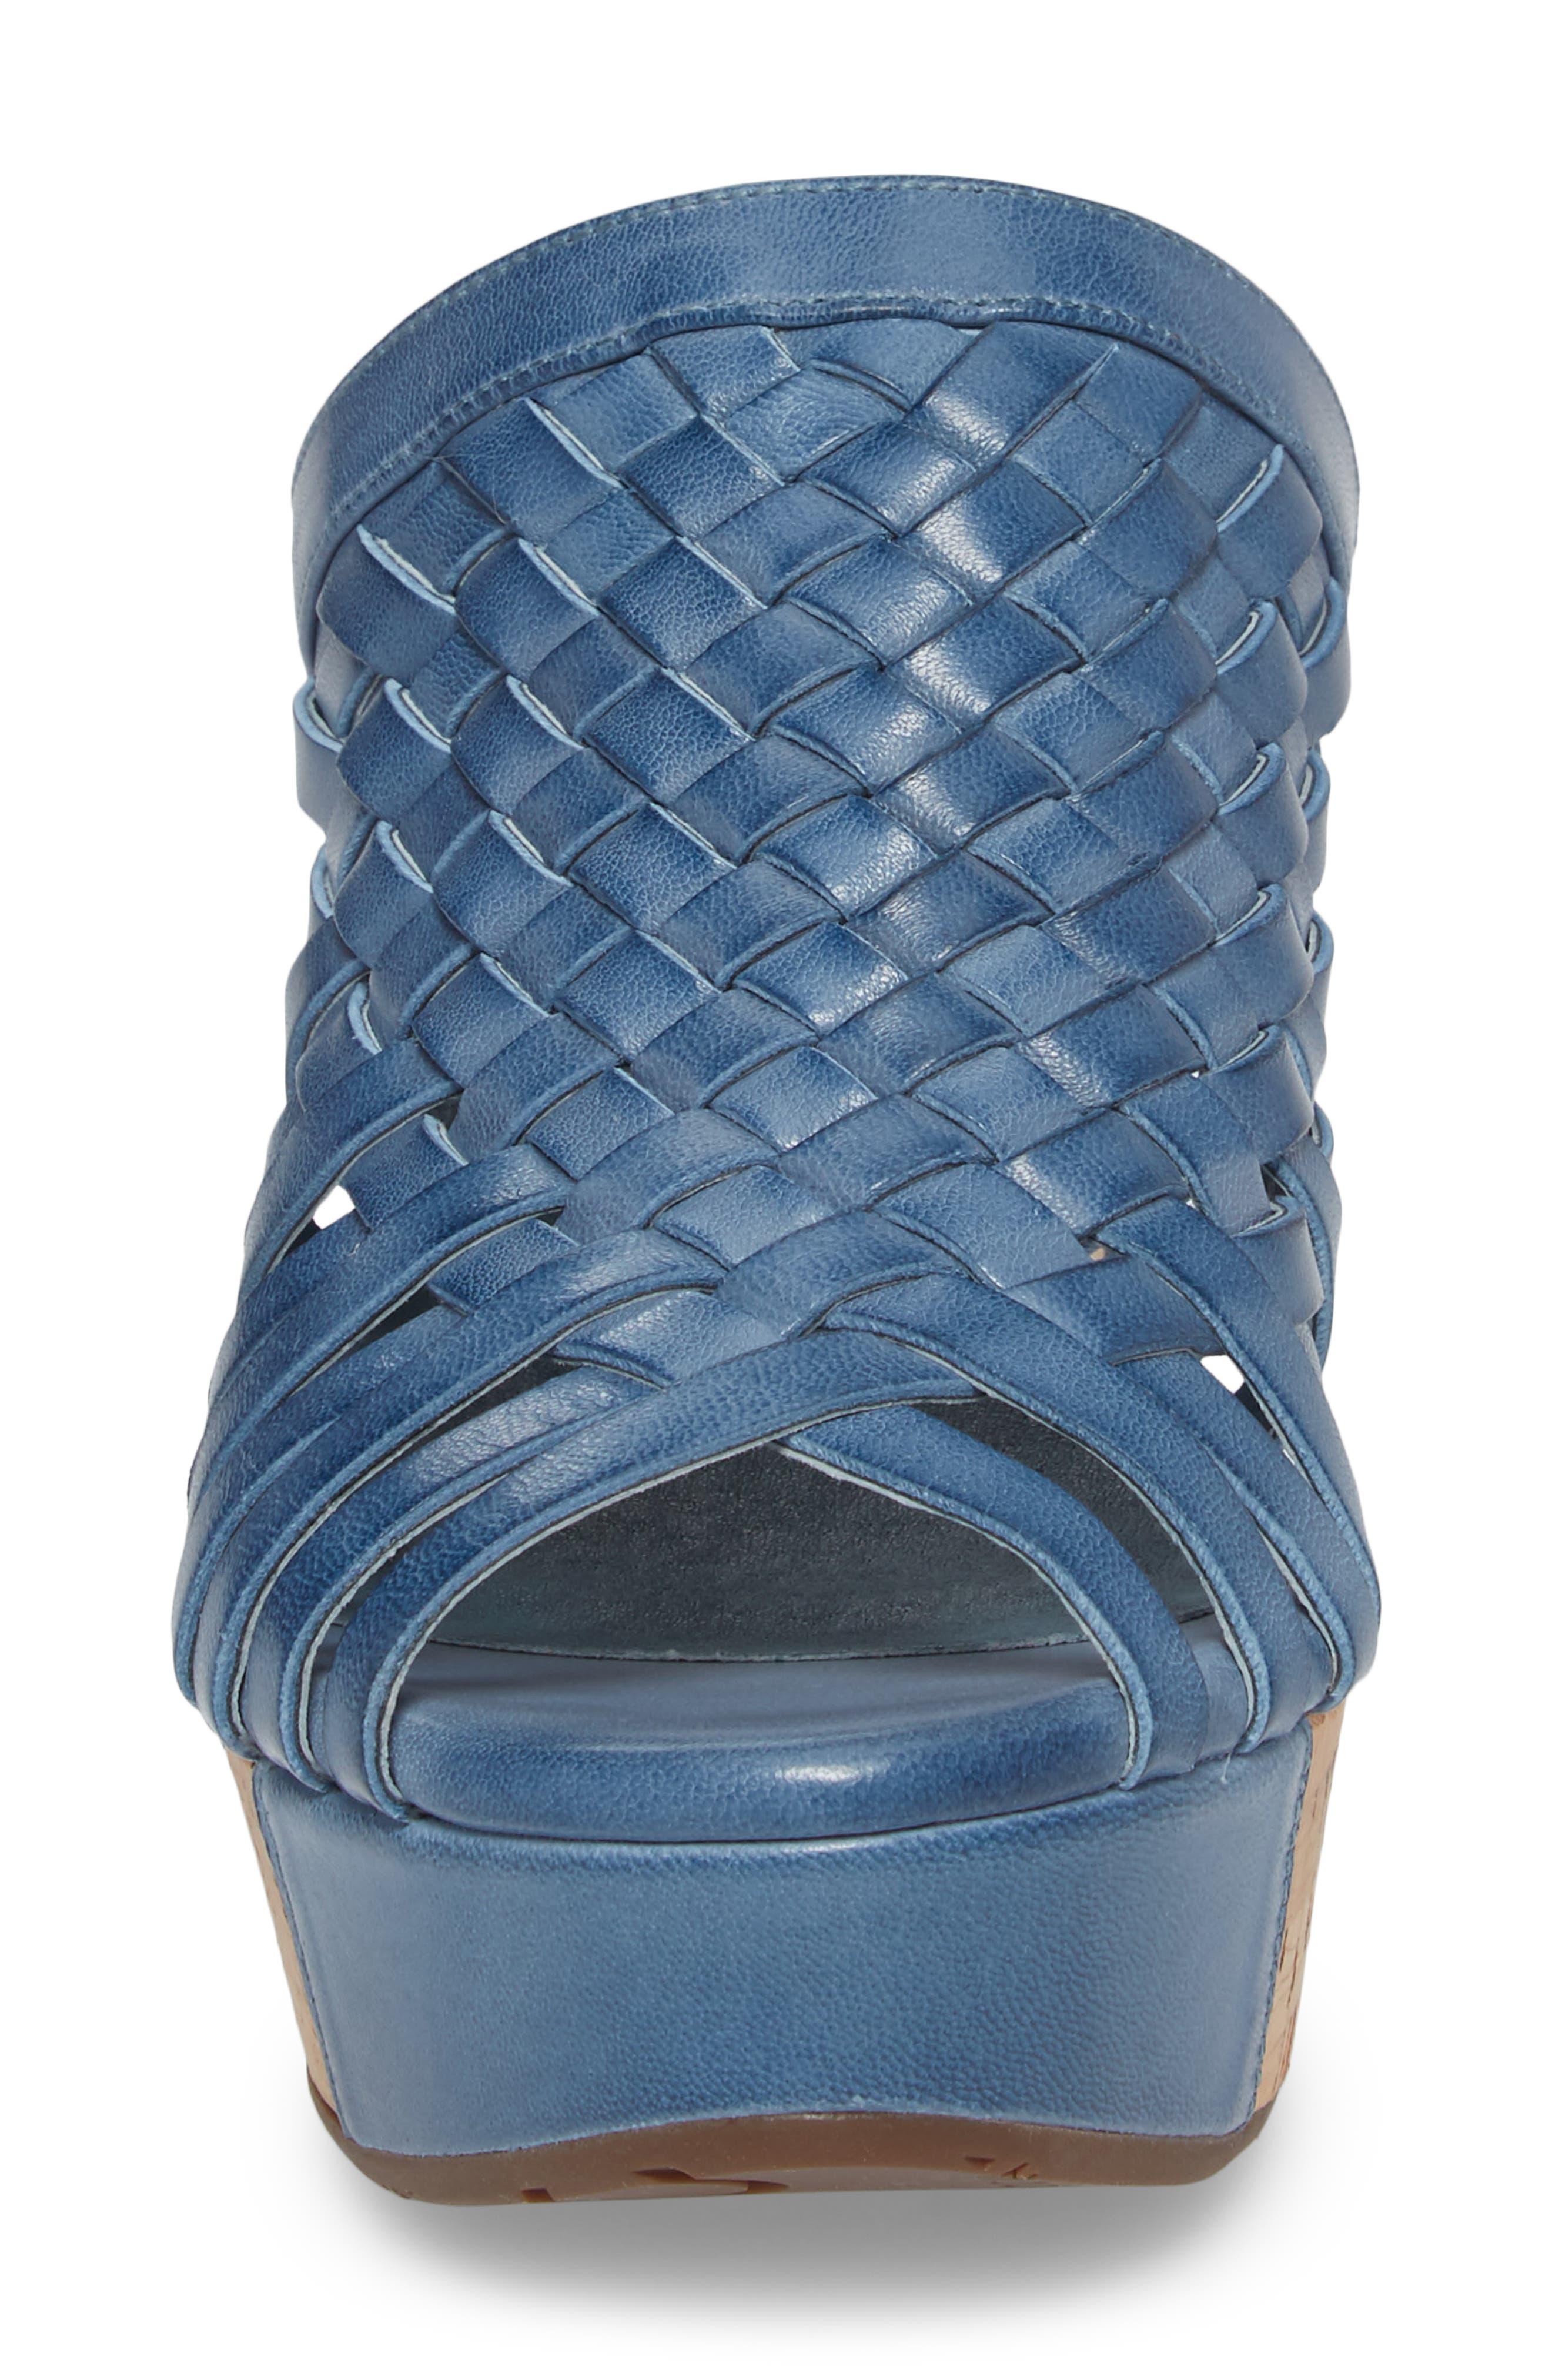 Alternate Image 4  - Chocolat Blu Walda Platform Wedge Sandal (Women)